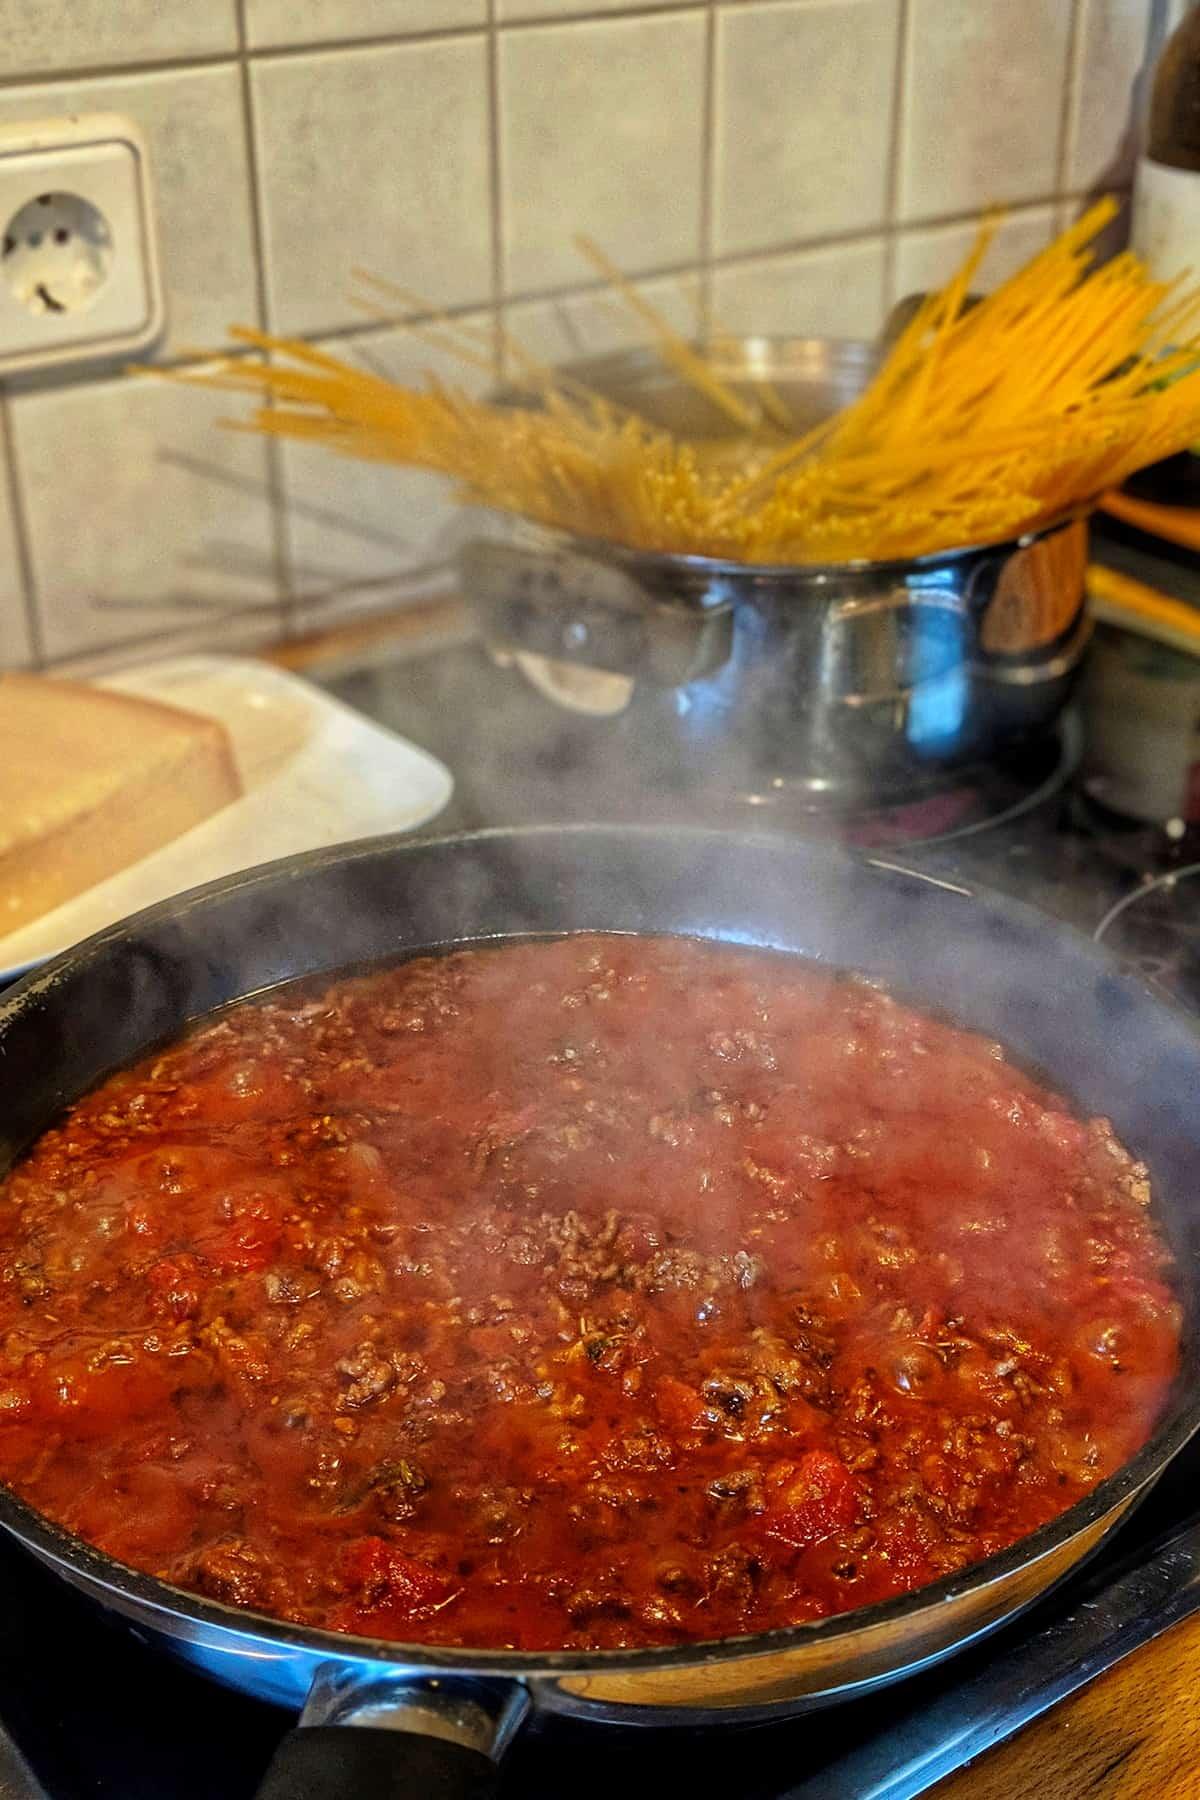 Eine Pfanne mit Blitz-Bolognese Sosse. Im Hintergrund ein Topf mit Spaghetti.